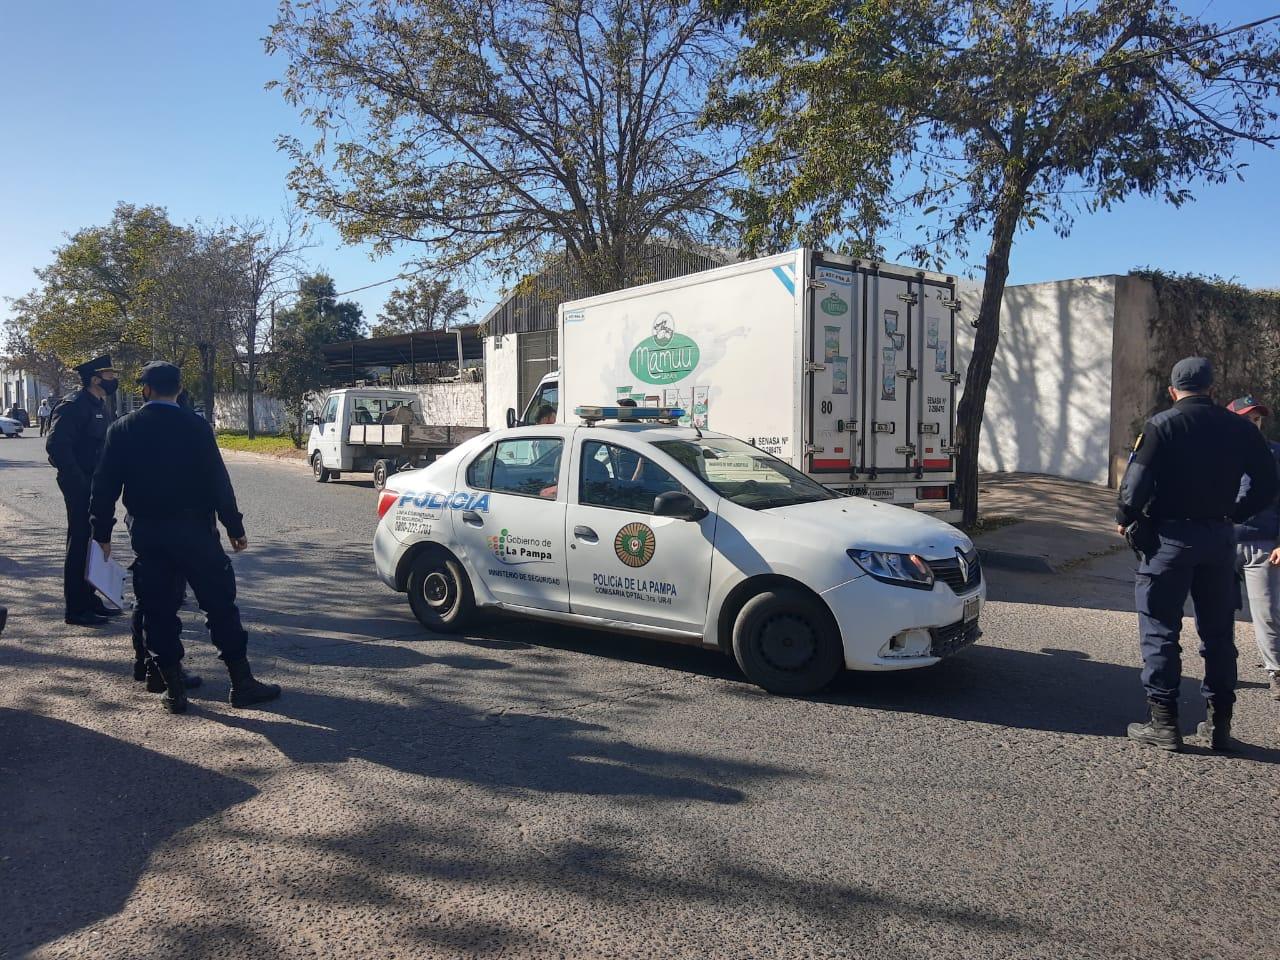 Delincuente intentó robar un camión repartidor de lácteos y fue reducido por uno de los trabajadores